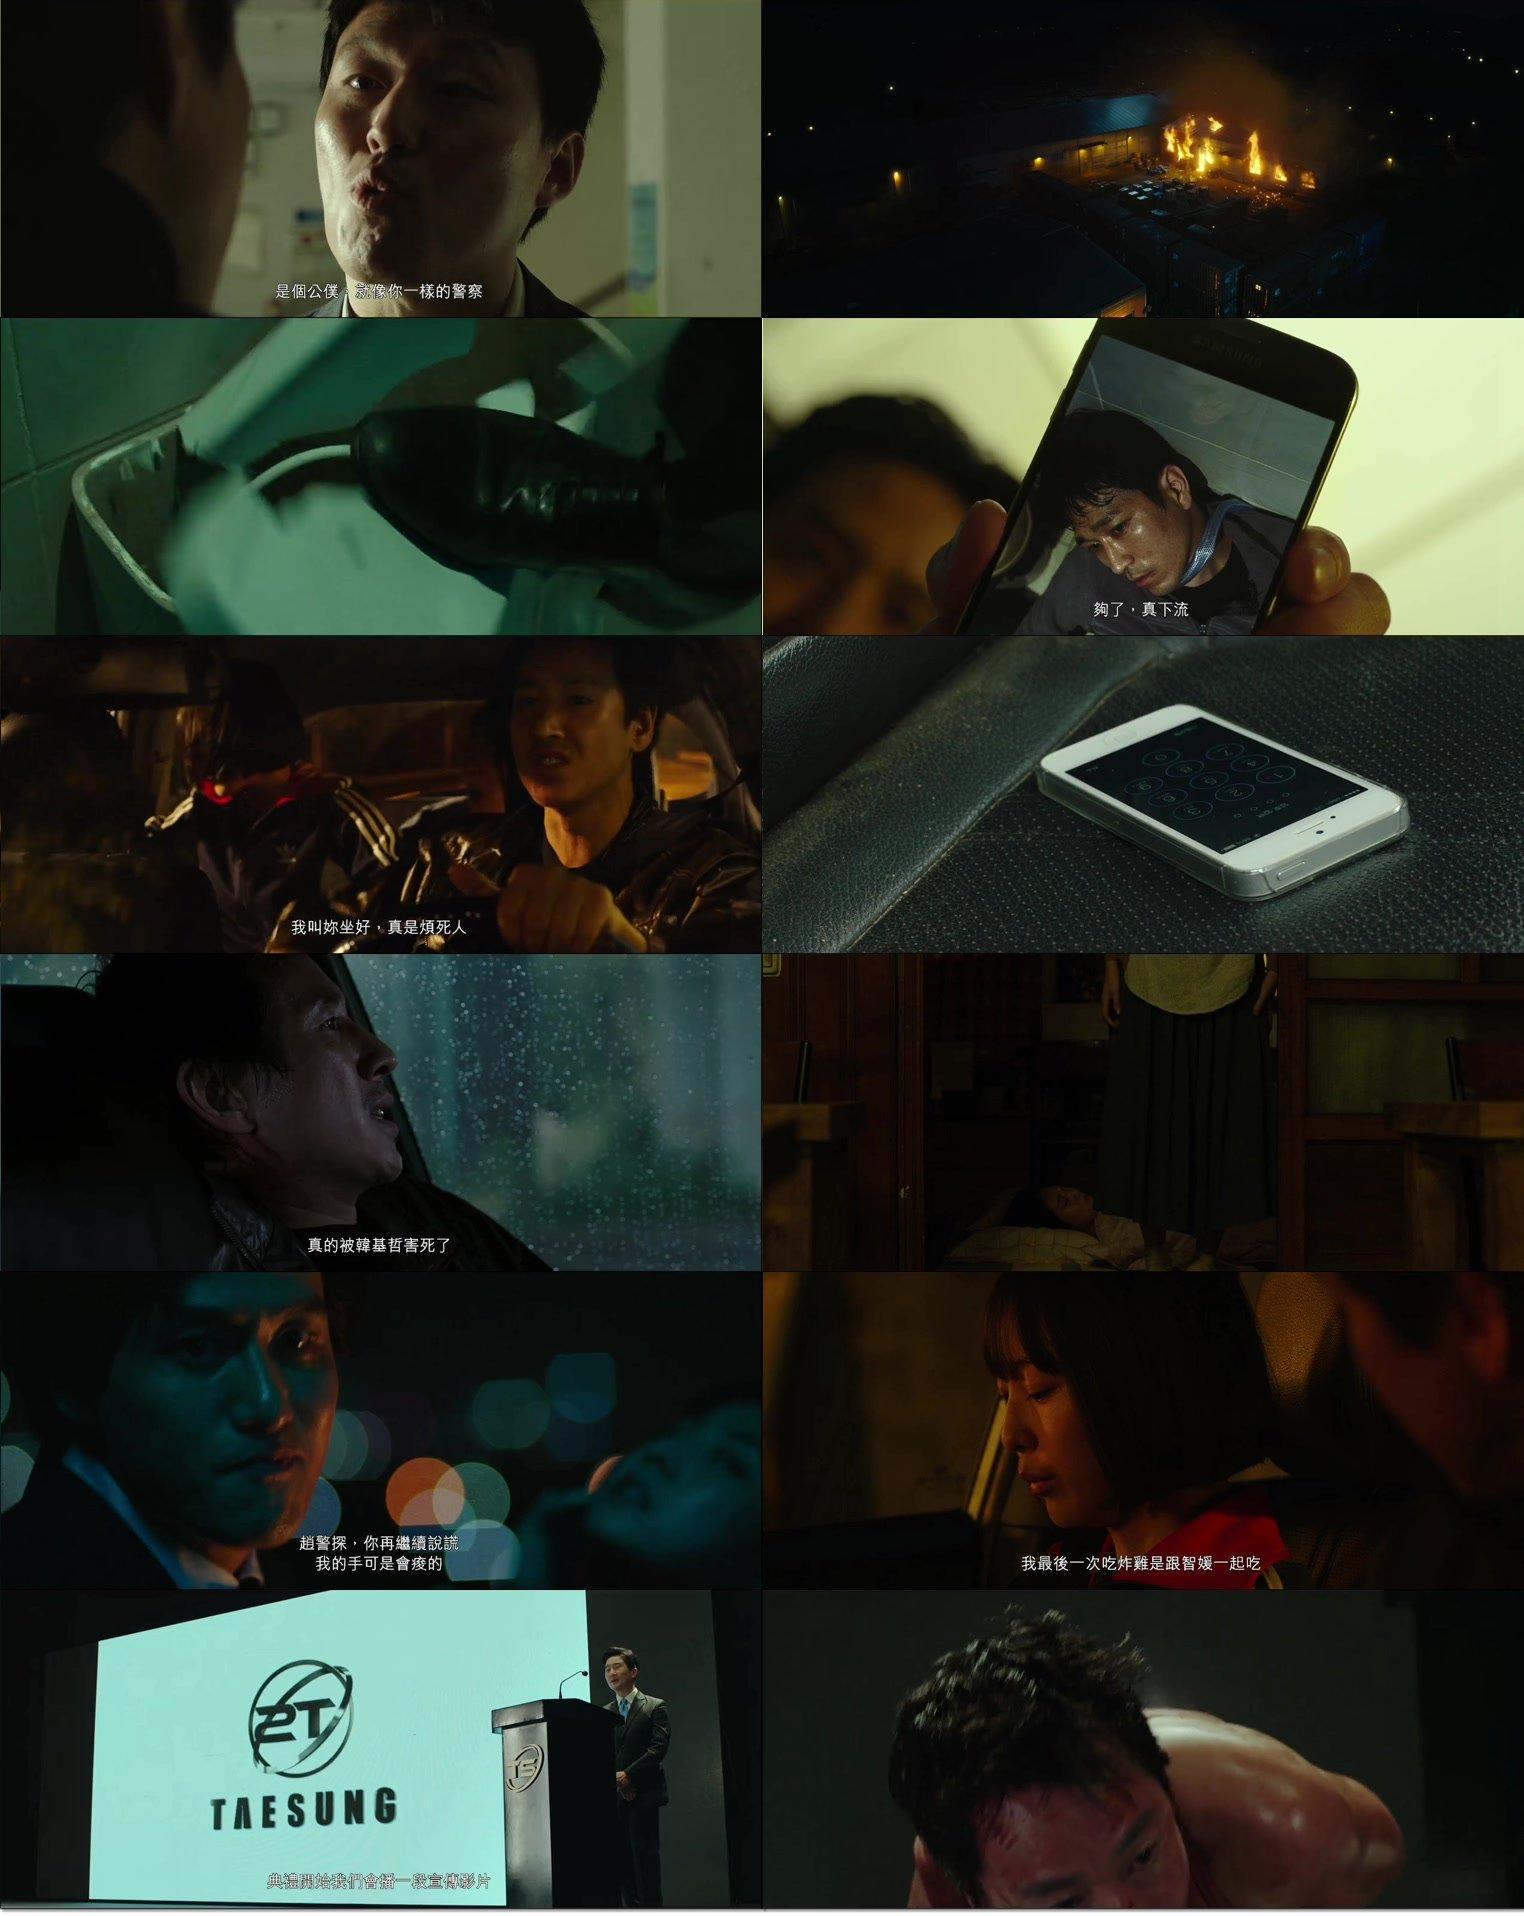 這邊是[韓] 惡霸警察/惡質警察.2019.HD-720p/1080p[MKV@3G@多空@繁簡英]圖片的自定義alt信息;549261,731665,haokuku,0